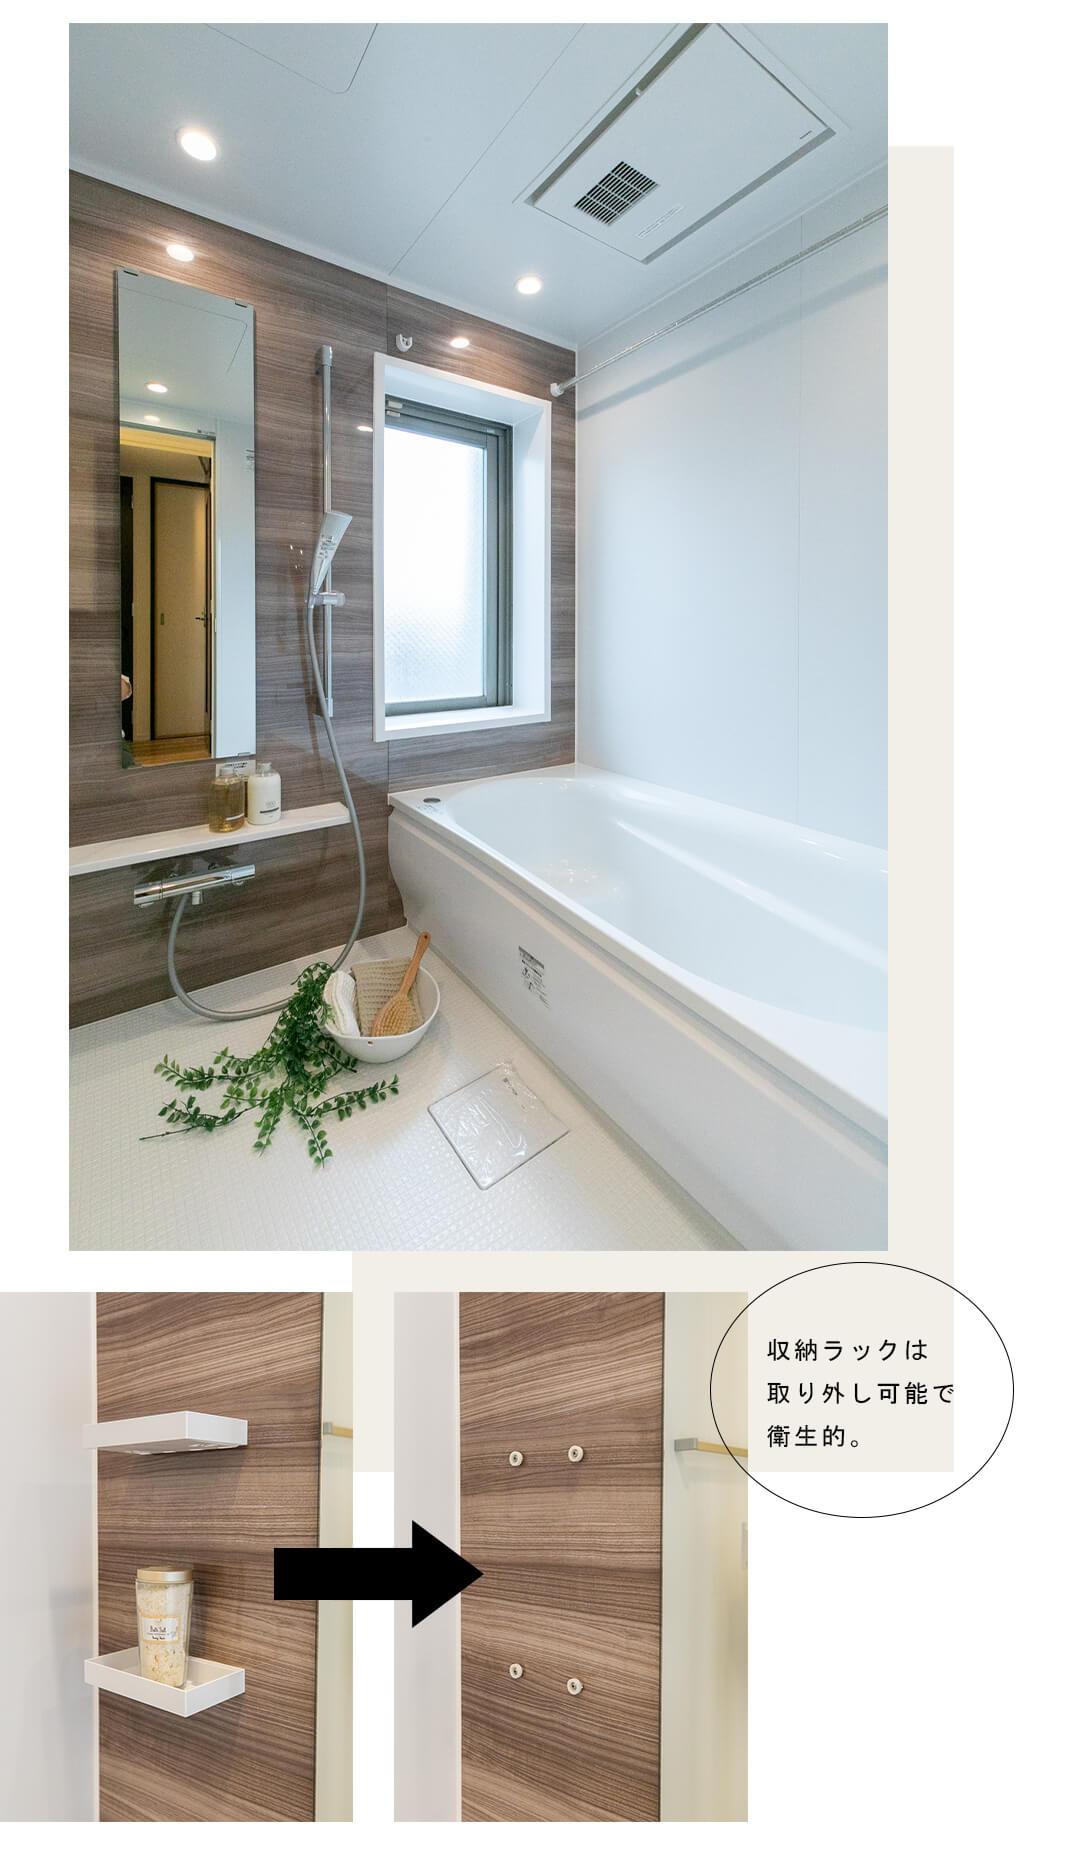 サンフル日吉本町ガーデンハウスの浴室